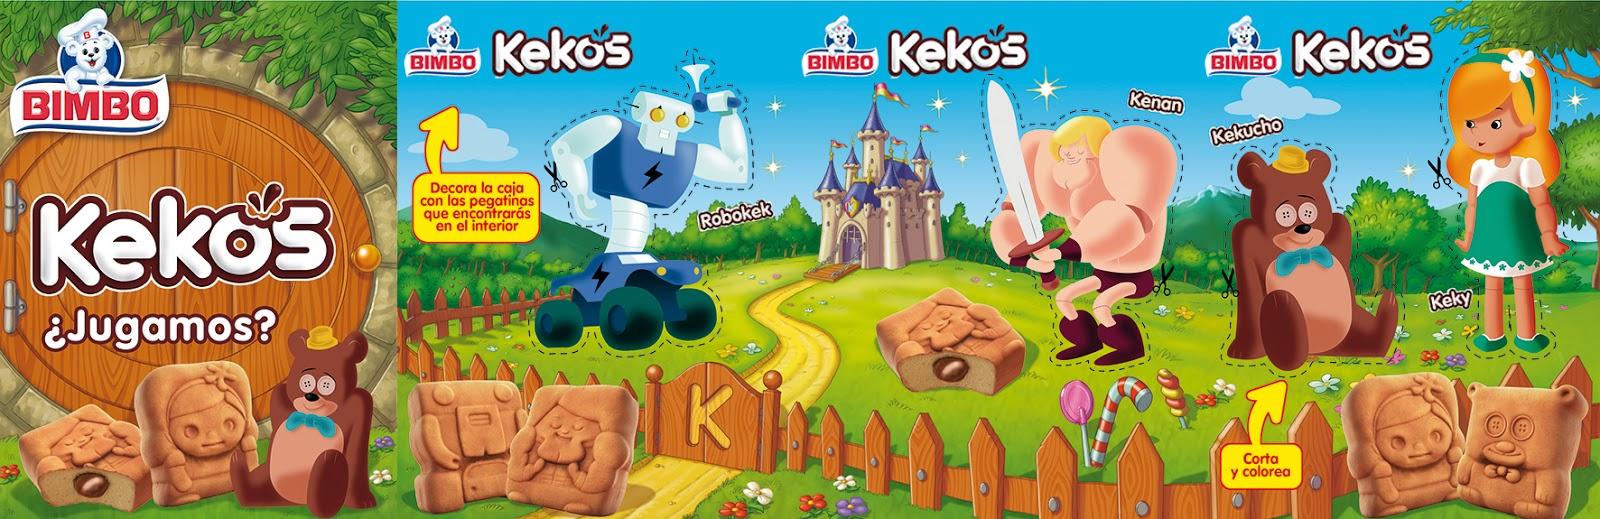 Kekos Gallery Of Brand Development Beautiful Kekos